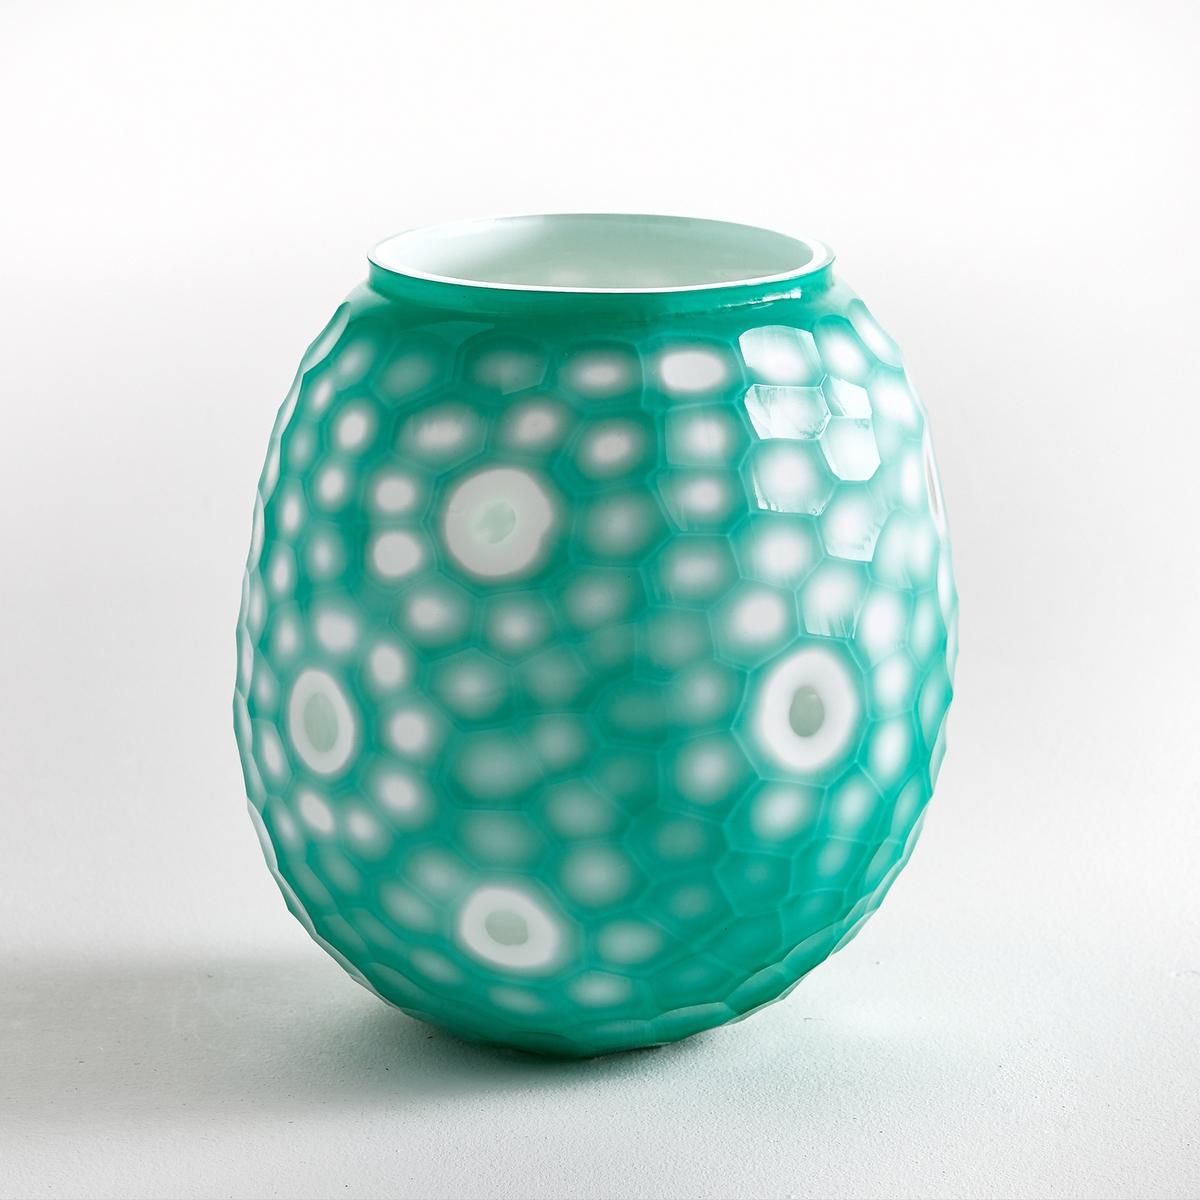 Ваза из опалового стекла Eliseum, большой размерВаза из опалового стекла Eliseum. Красивый рельефный элемент декора с выемками и кругами. Из опалового стекла зеленого цвета. Размеры: диаметр 20 x высота 22 см.<br><br>Цвет: зеленый<br>Размер: единый размер